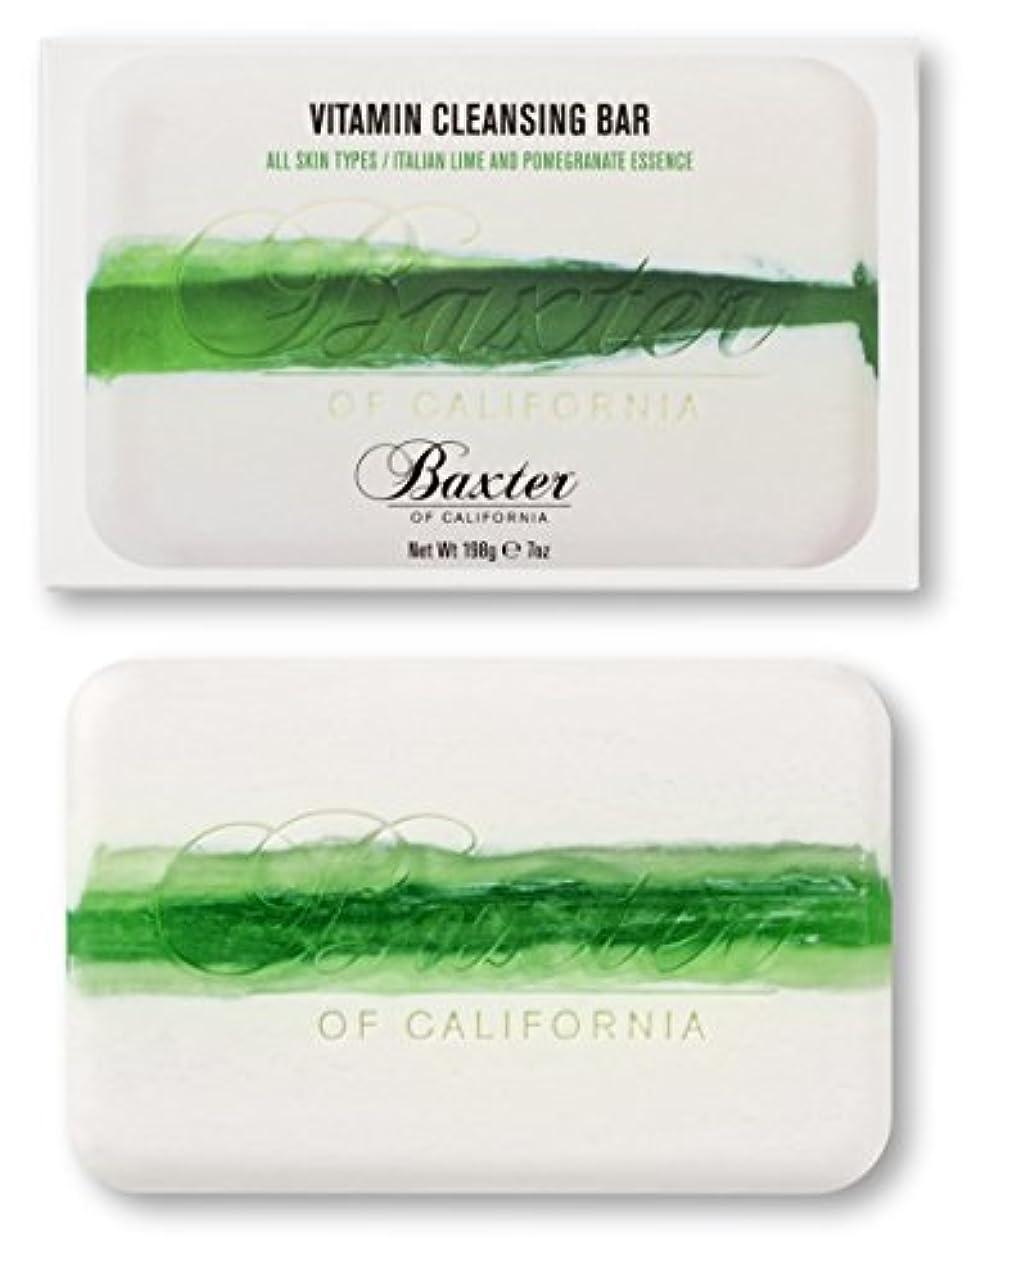 モジュールシーズン特徴Baxter OF CALIFORNIA(バクスター オブ カリフォルニア) ビタミンクレンジングバー イタリアンライム&ポメグラネート 198g